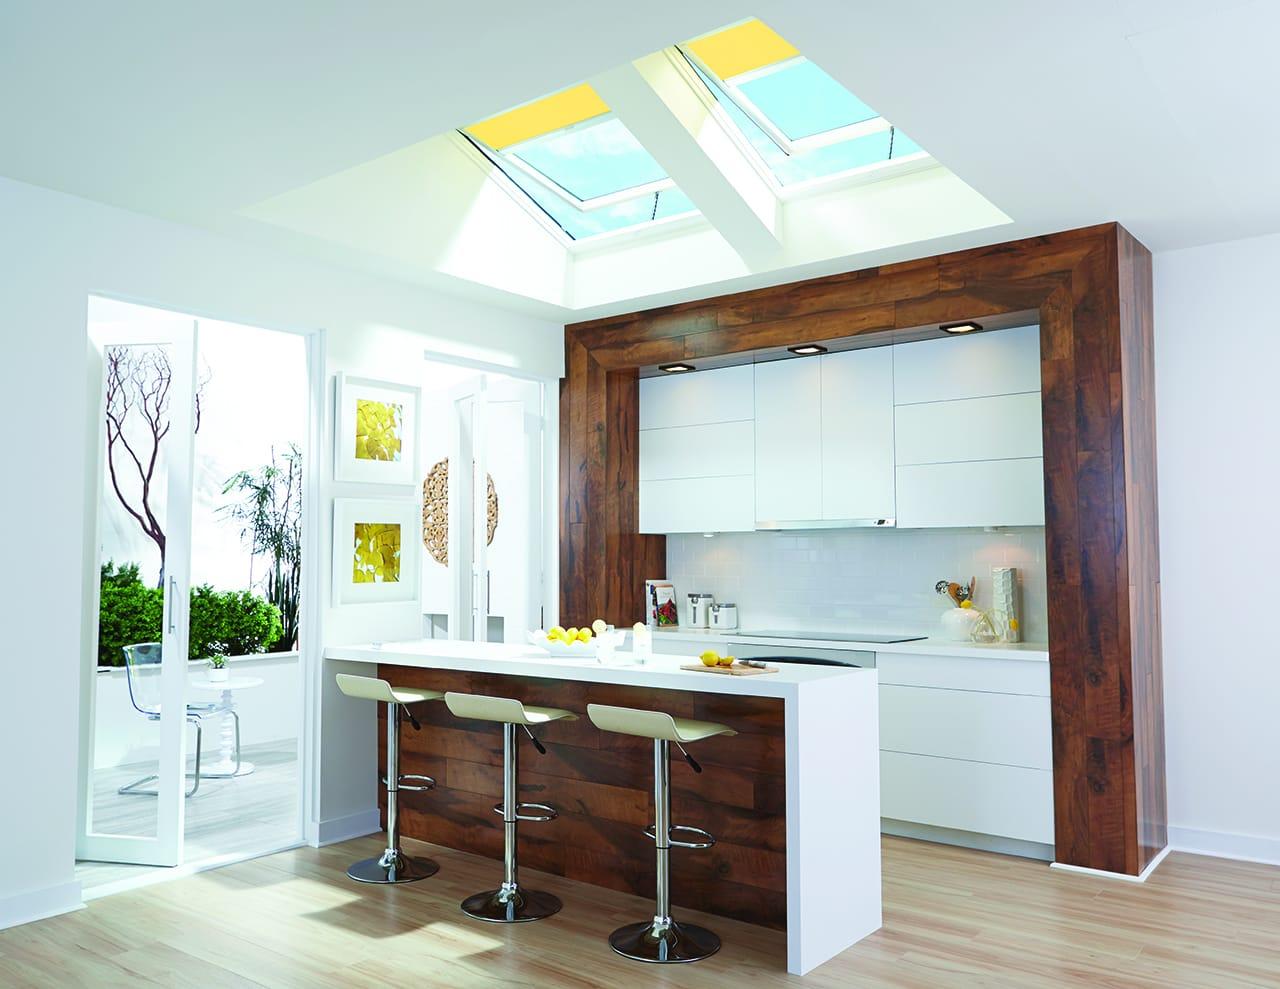 32 Kitchen Manual Yellow 06795 Sized